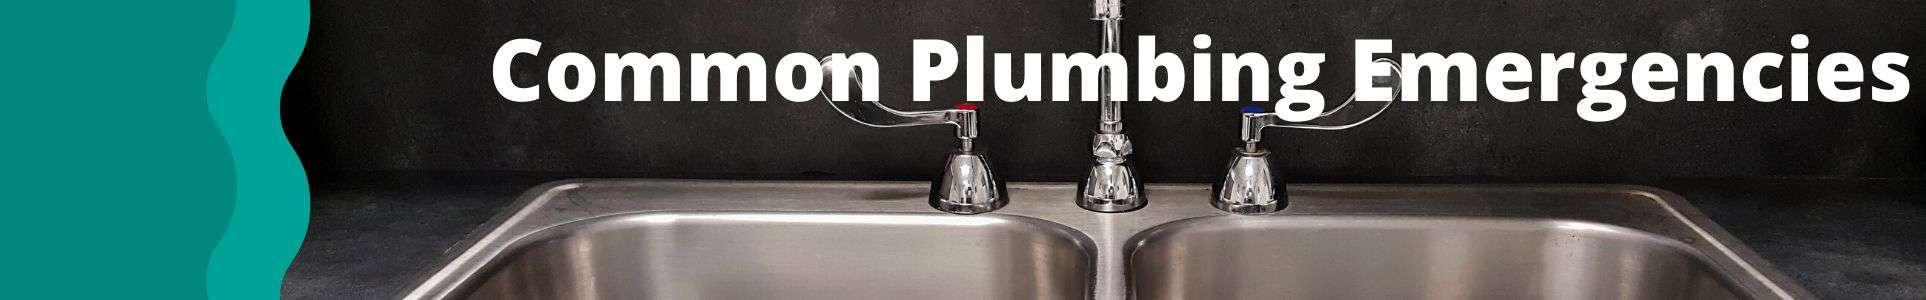 common plumbing emergencies